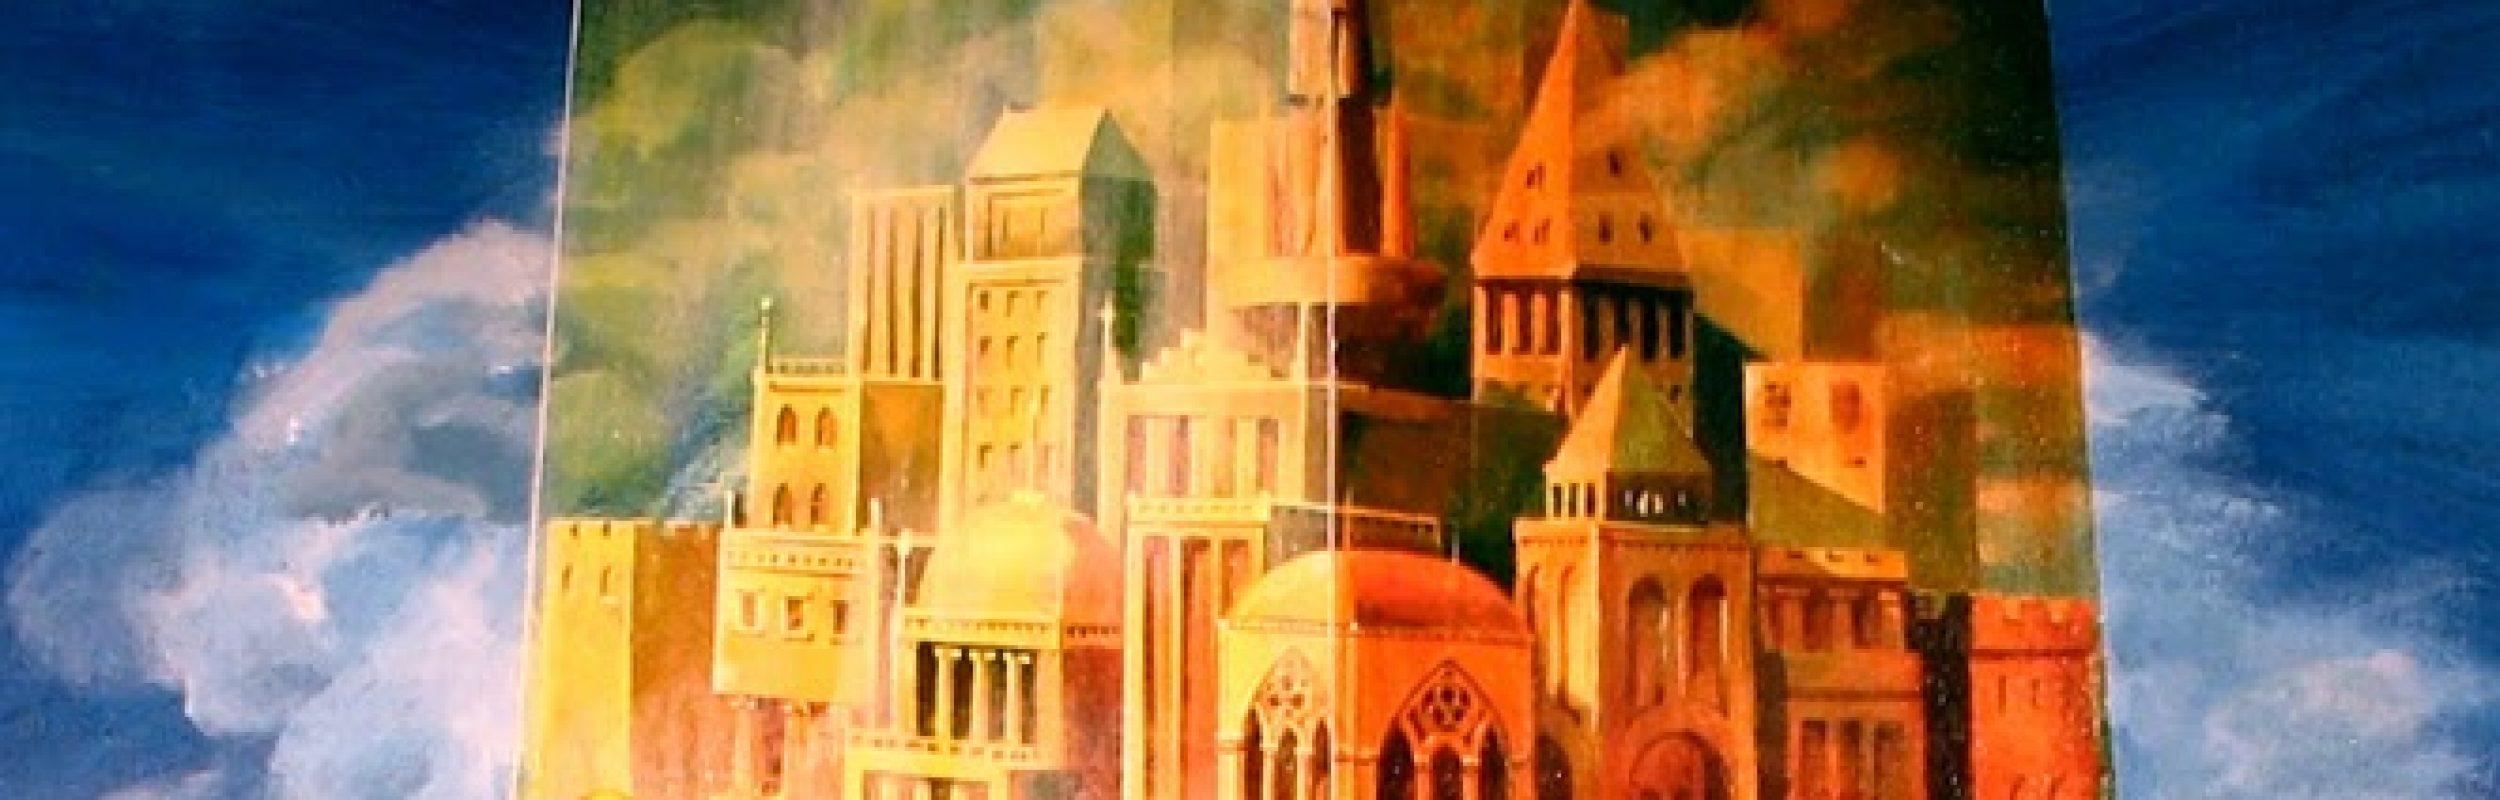 La doctrina de un reino milenial físico en Jerusalén